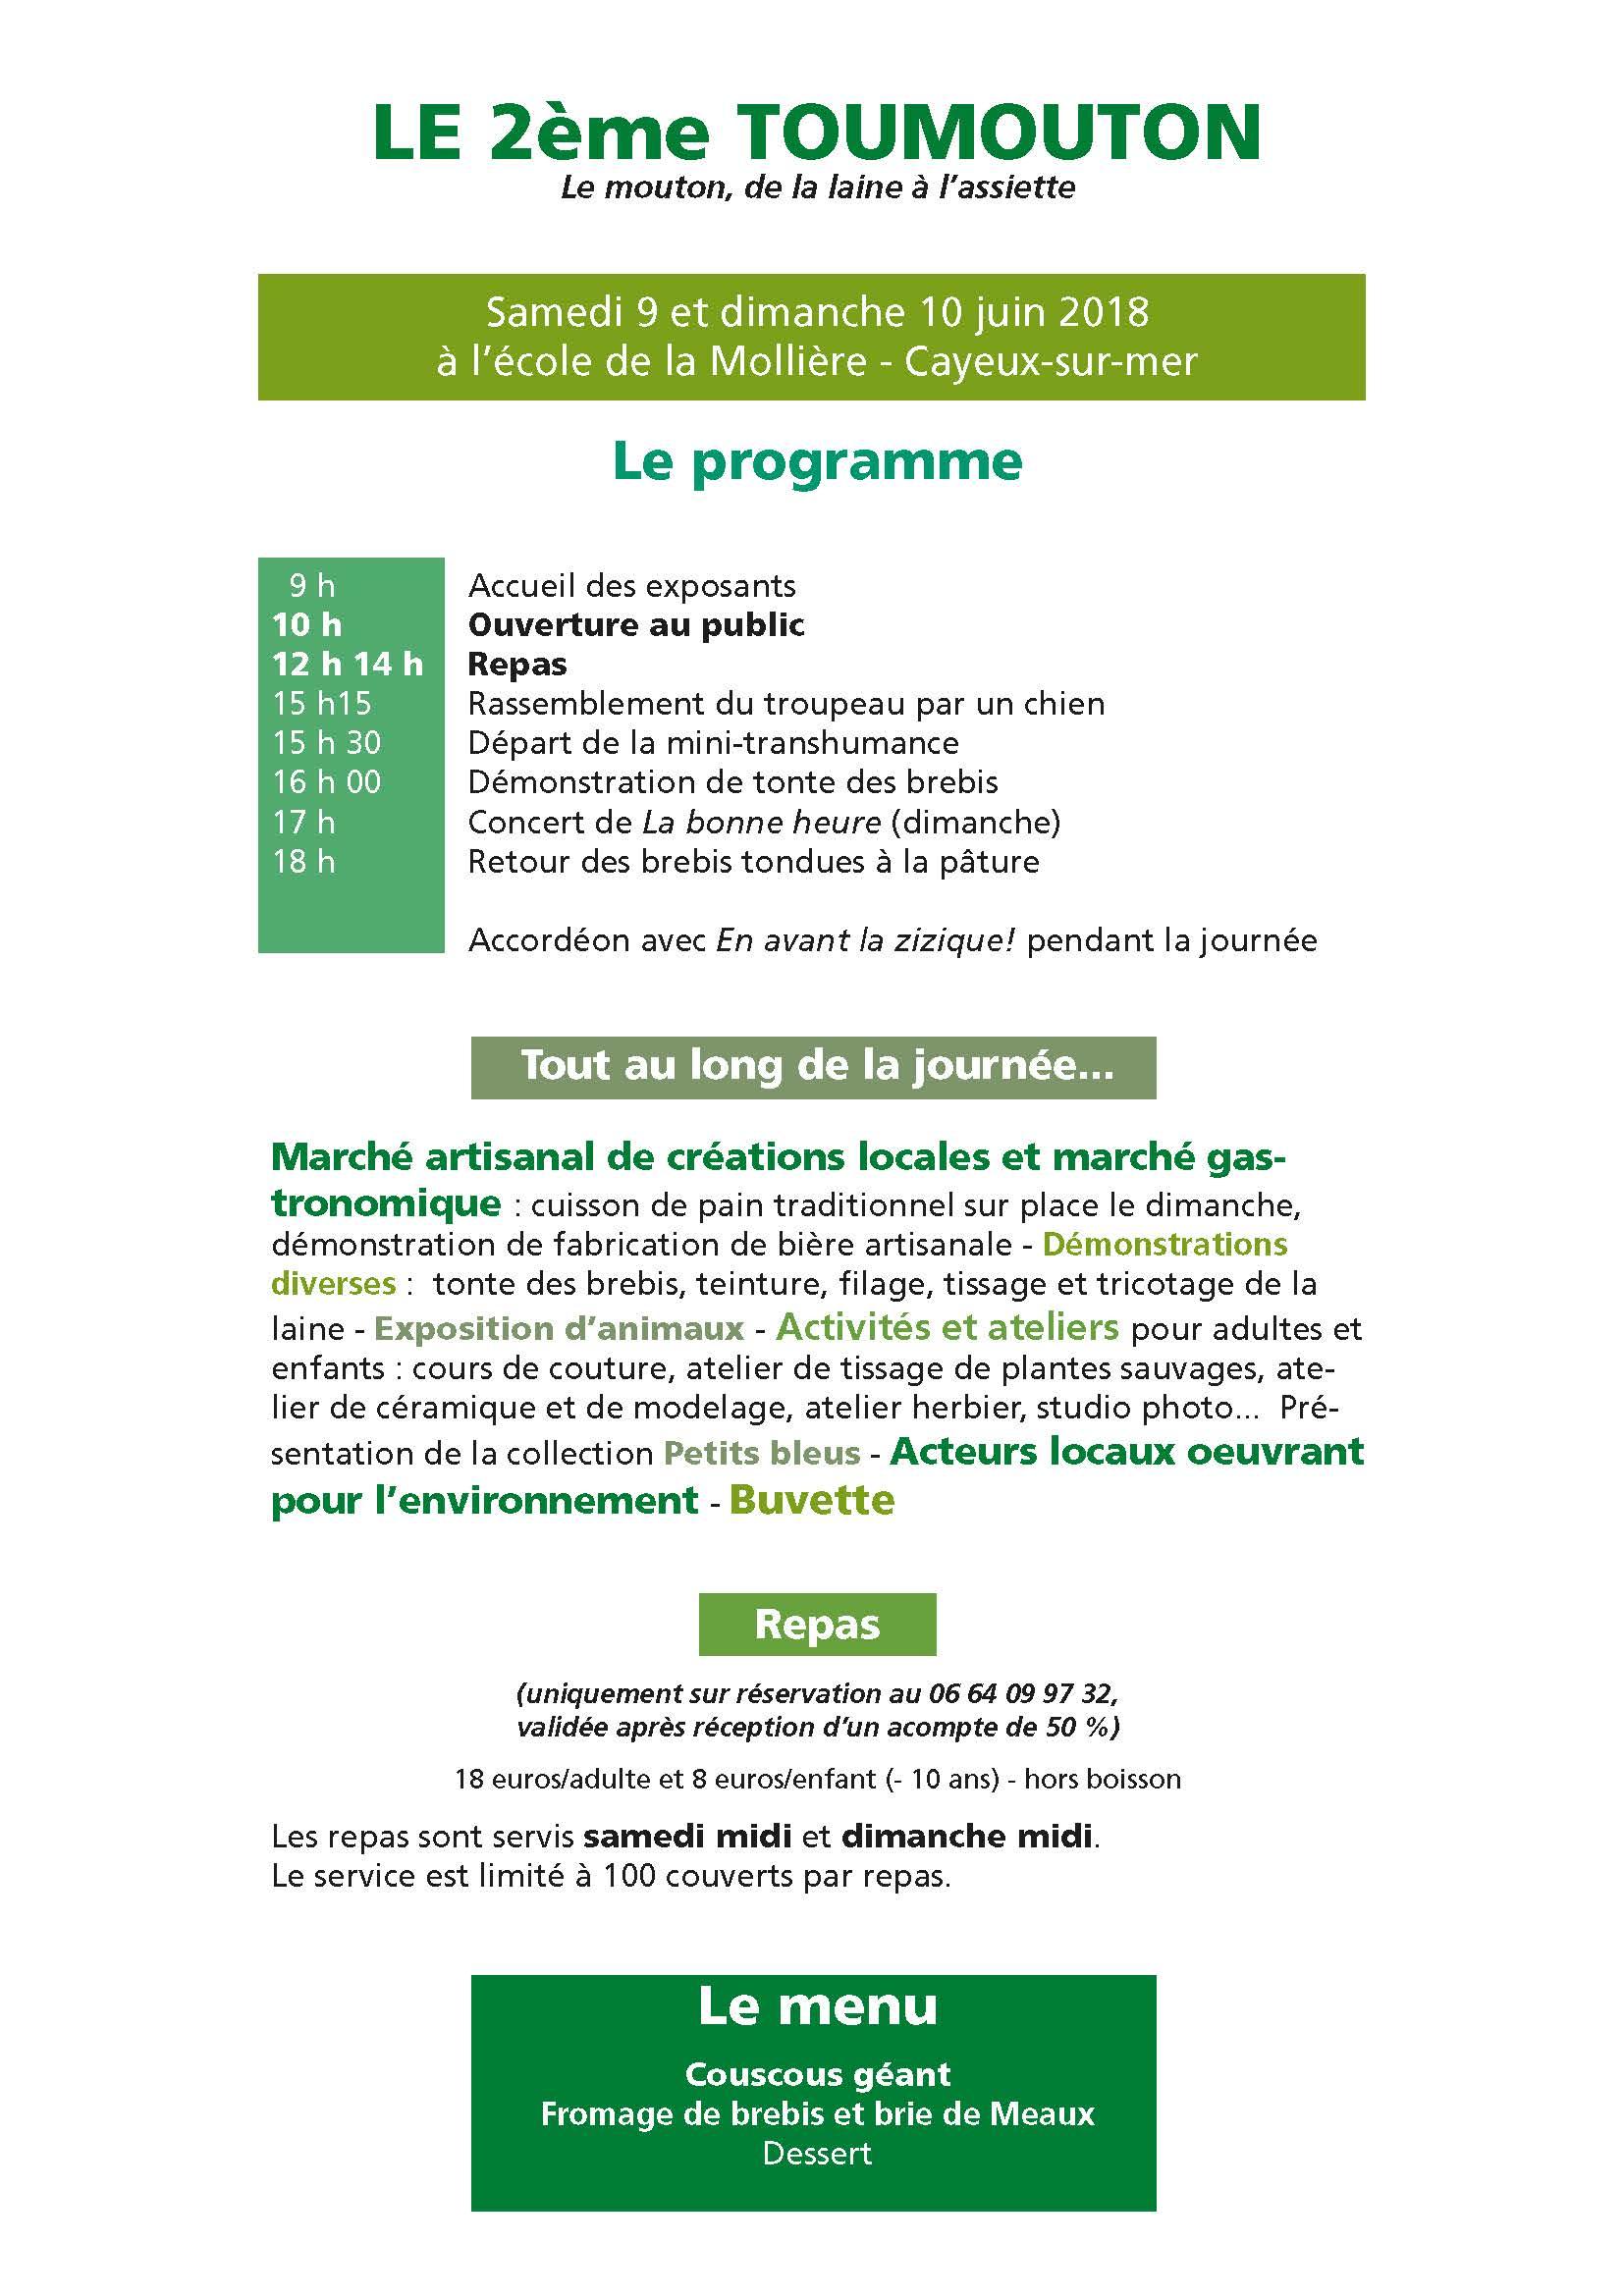 toumouton 2018 Cayeux-sur-mer